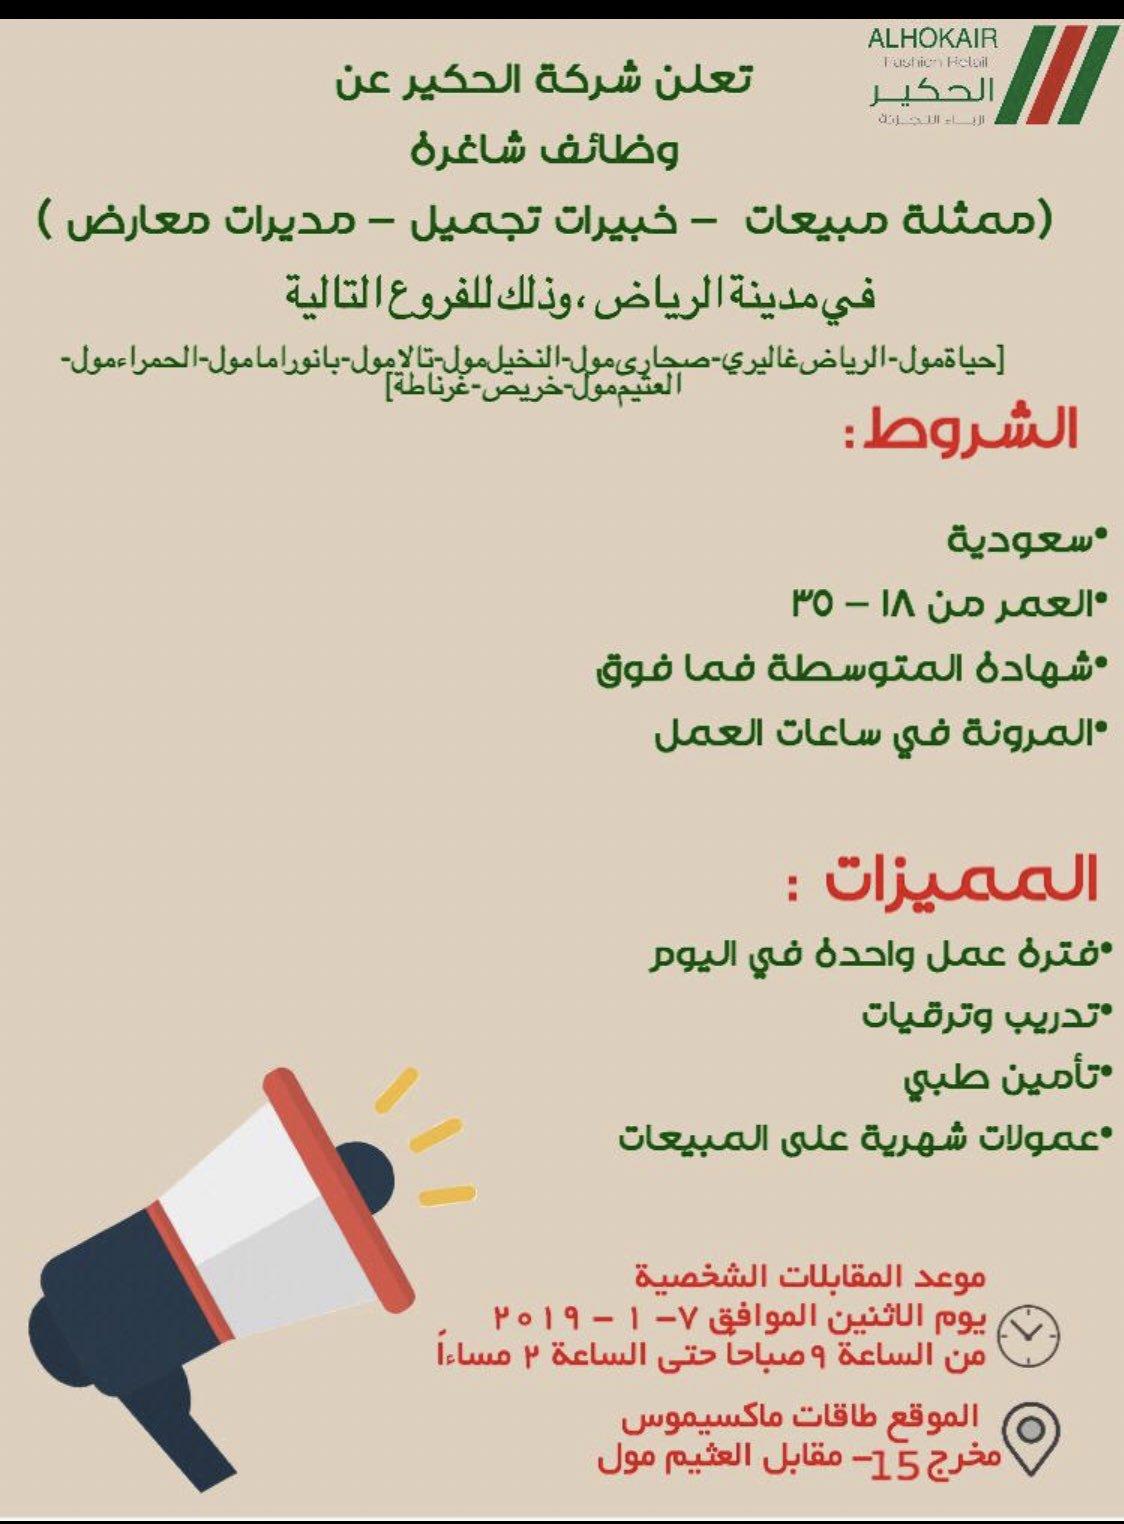 مقابل مدرسة حضانة المصبوب وظائف سعوده نسائيه بالدمام Ffigh Org